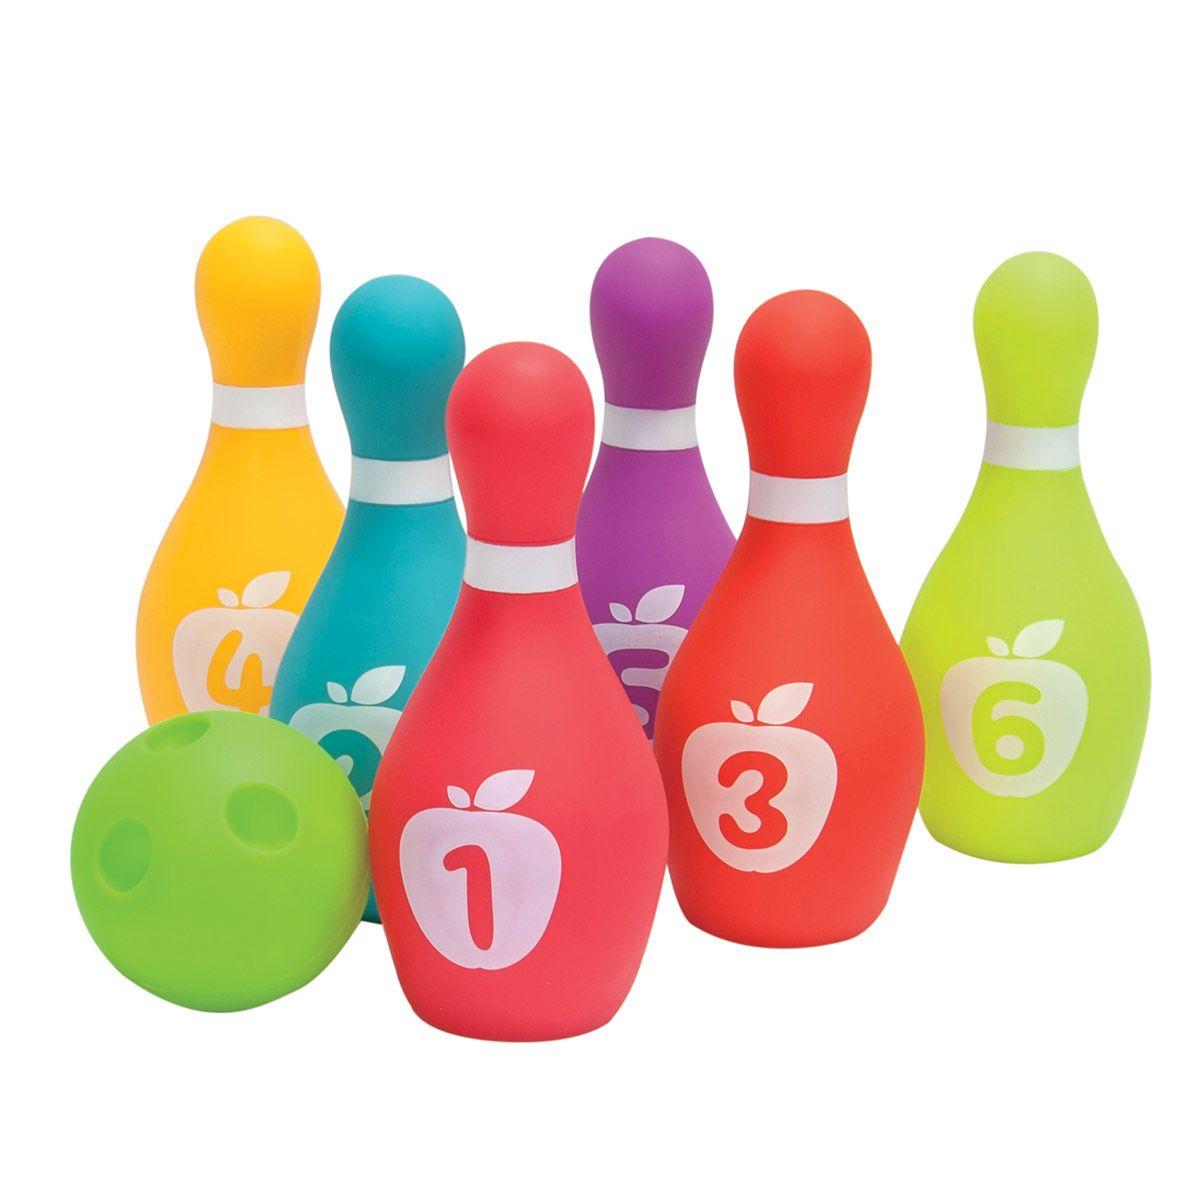 Mon Premier Jeu De Quilles - Balles Et Jouets À Balles - La concernant Jeu Bowling Enfant